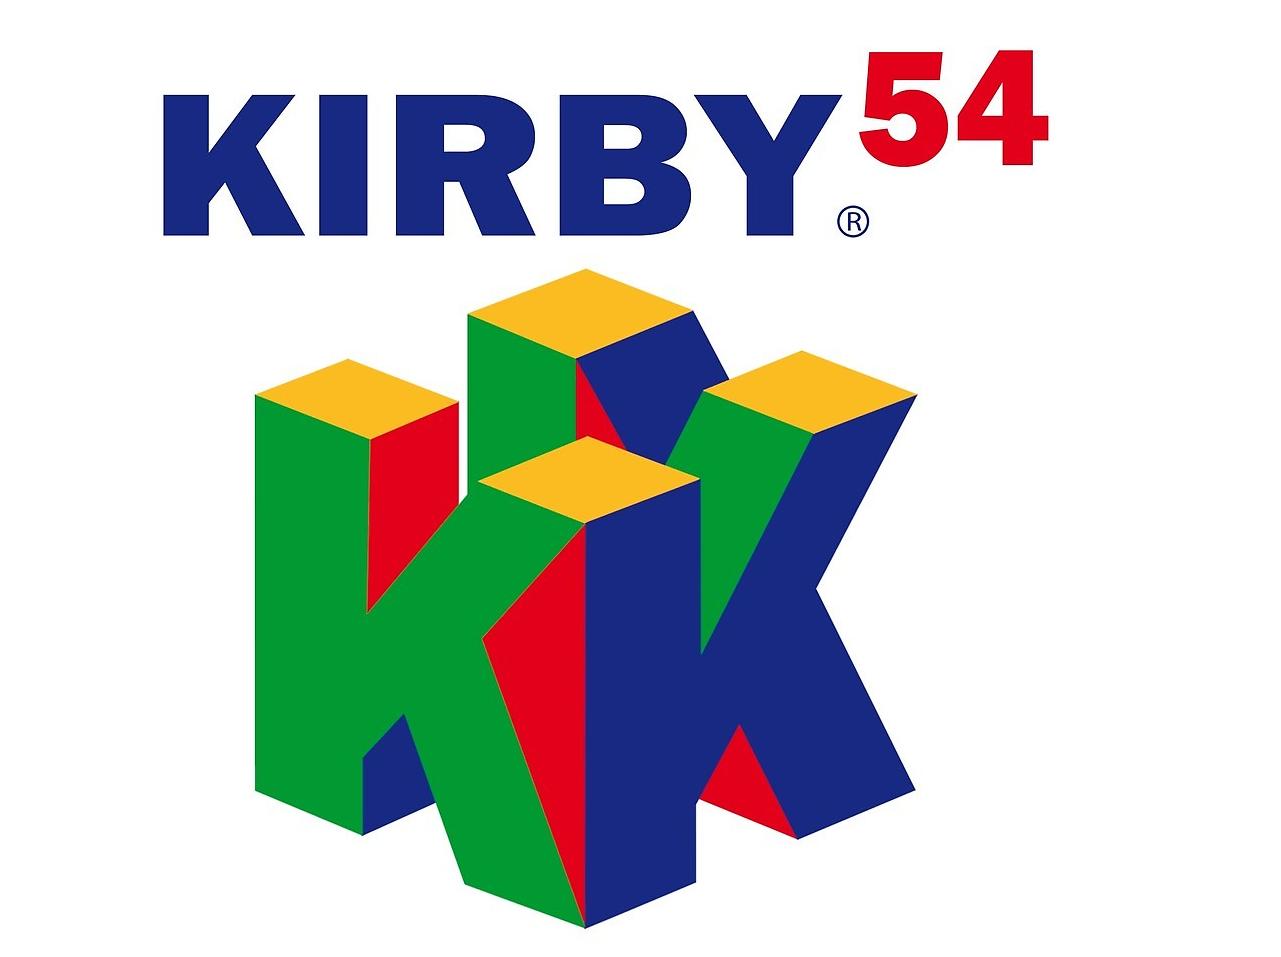 Sticker other kirby54 kkk logo kirby